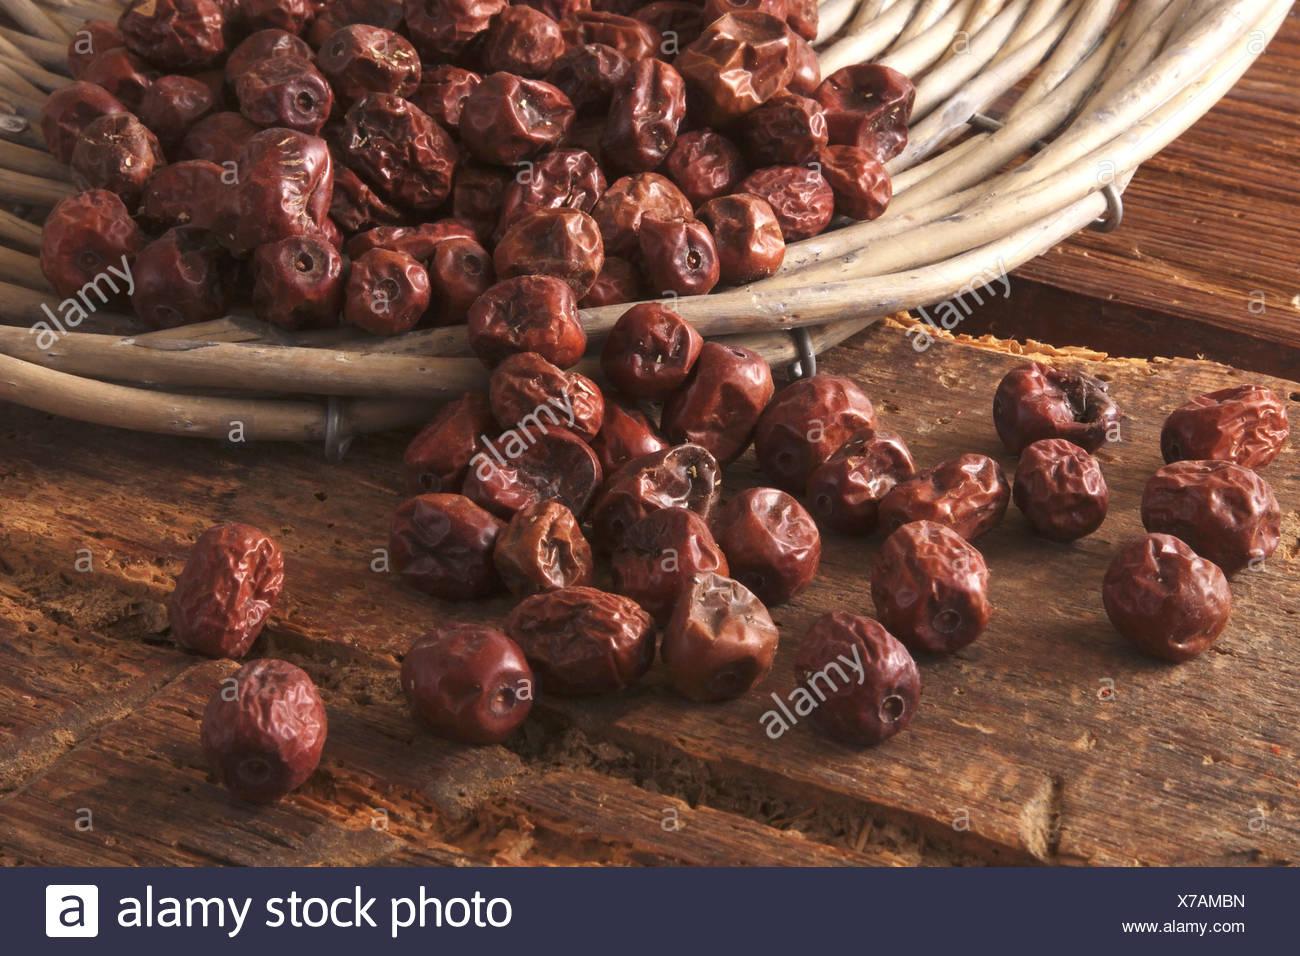 Getrocknete Beeren der Jujube (Ziziphus Jujuba) als Zutat für Müsli, Kuchen und Gebäck, aus einer Weide Korb gekippt Stockbild